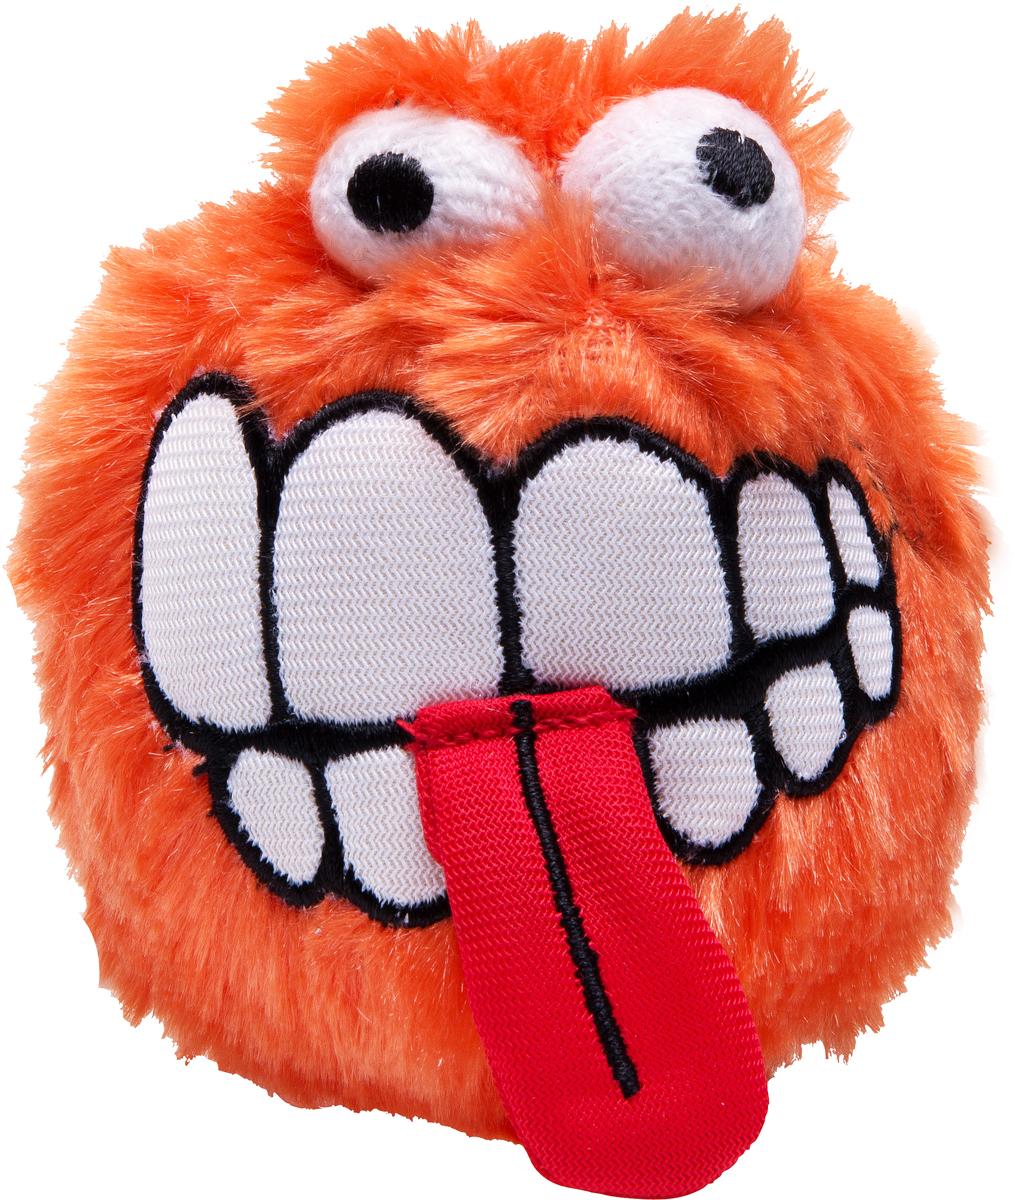 Игрушка для собак Rogz Fluffy Grinz. Зубы, цвет: оранжевый, диаметр 6,4 смCGR03DИгрушка для собак Rogz Fluffy Grinz. Зубы - особо мягкий, плюшевый мяч. Для животных, которые любят играть в Поймай-принеси - это просто мечта.Небольшой вес изделия.Не травмирует зубы и десны.Удобен для переноски животных.Внутри игрушки пищалка, что поддерживает интерес животного к игре.